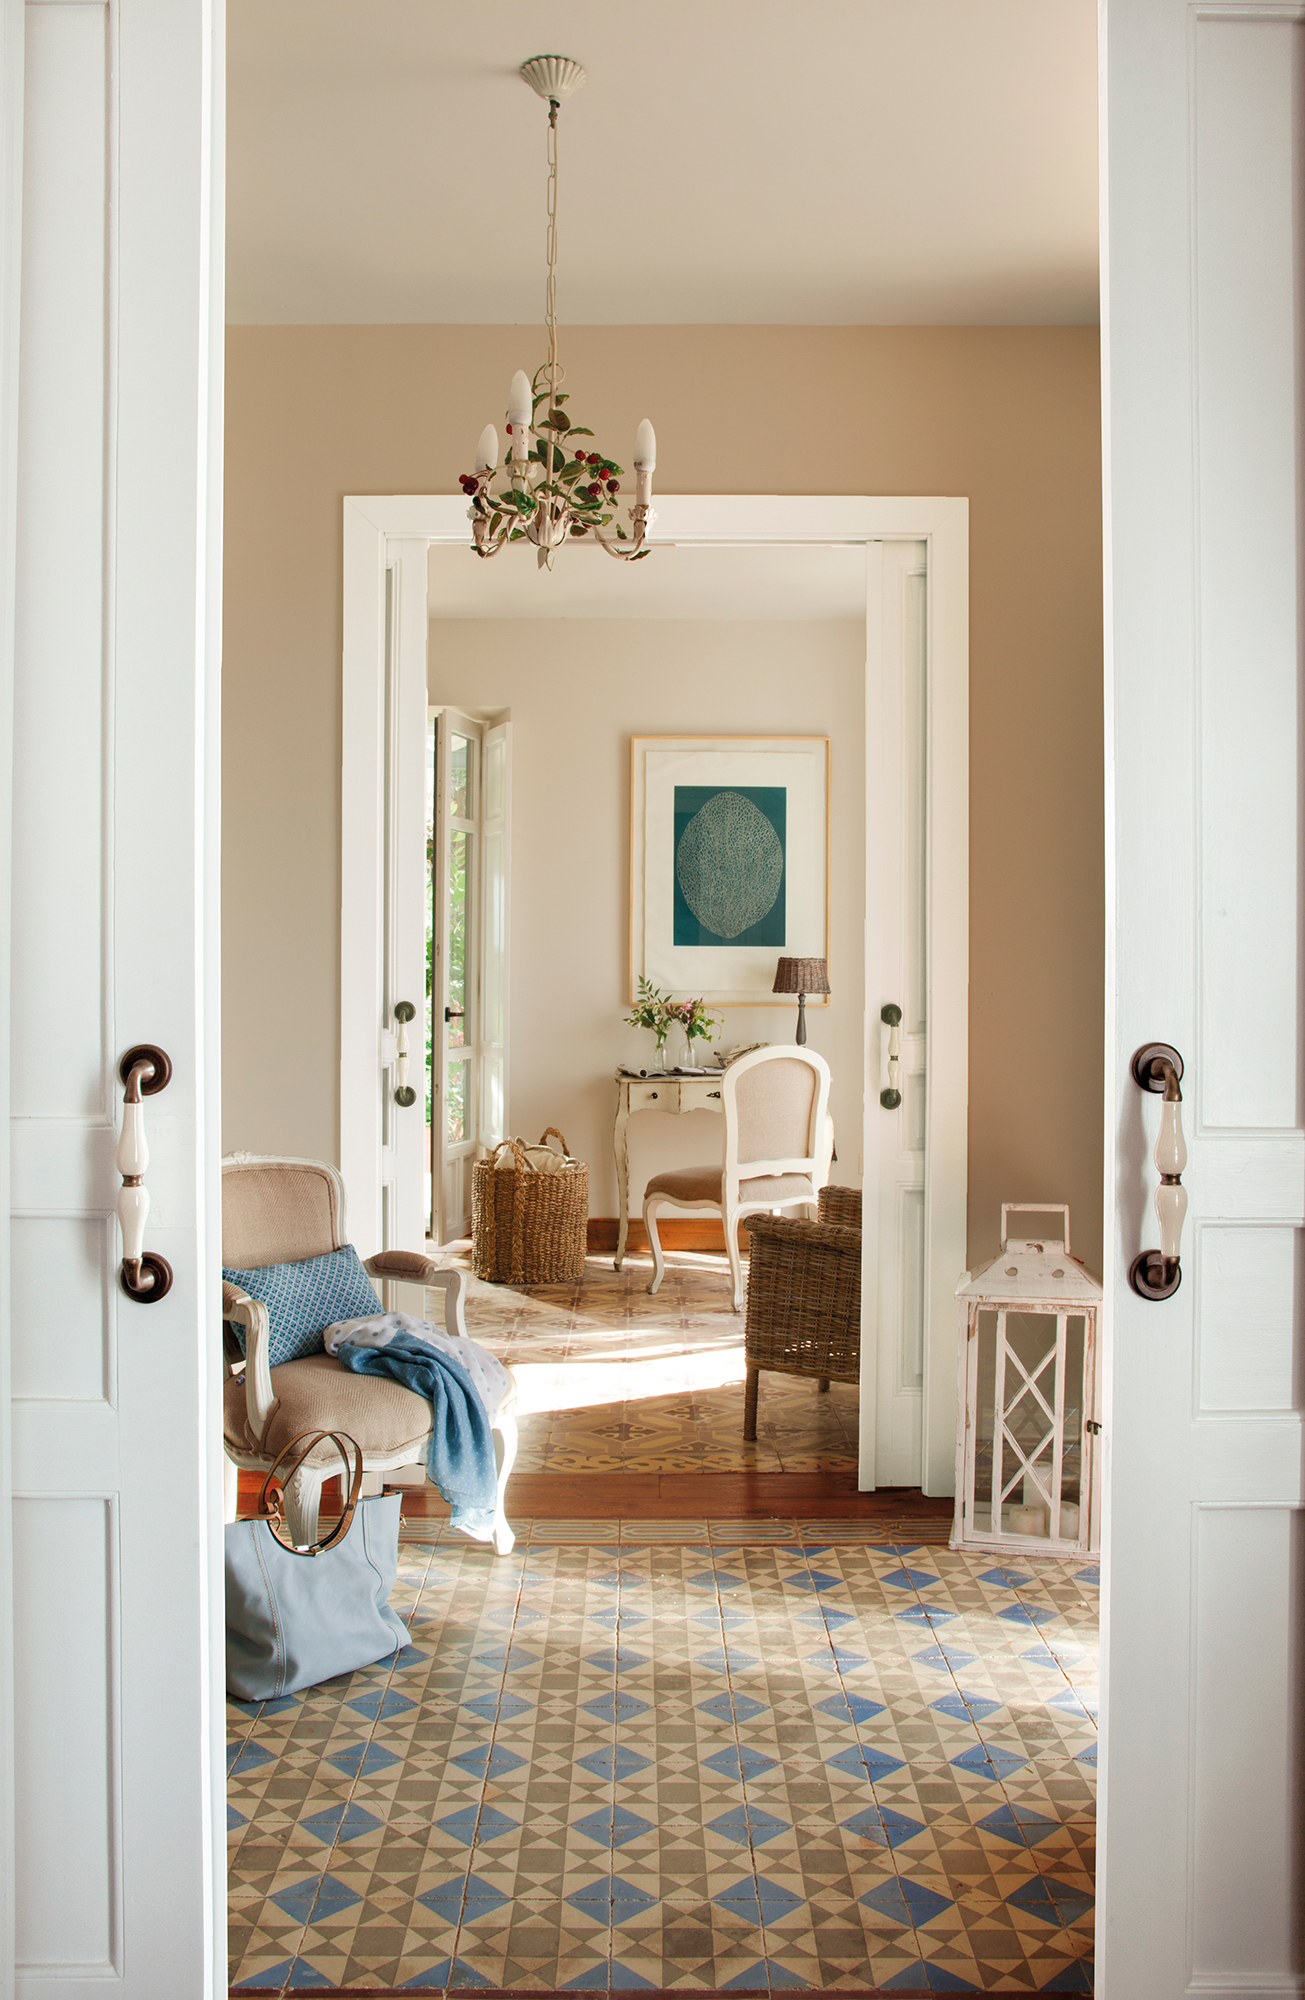 Renueva las manillas y los pomos de las puertas de casa for Puerta en ingles